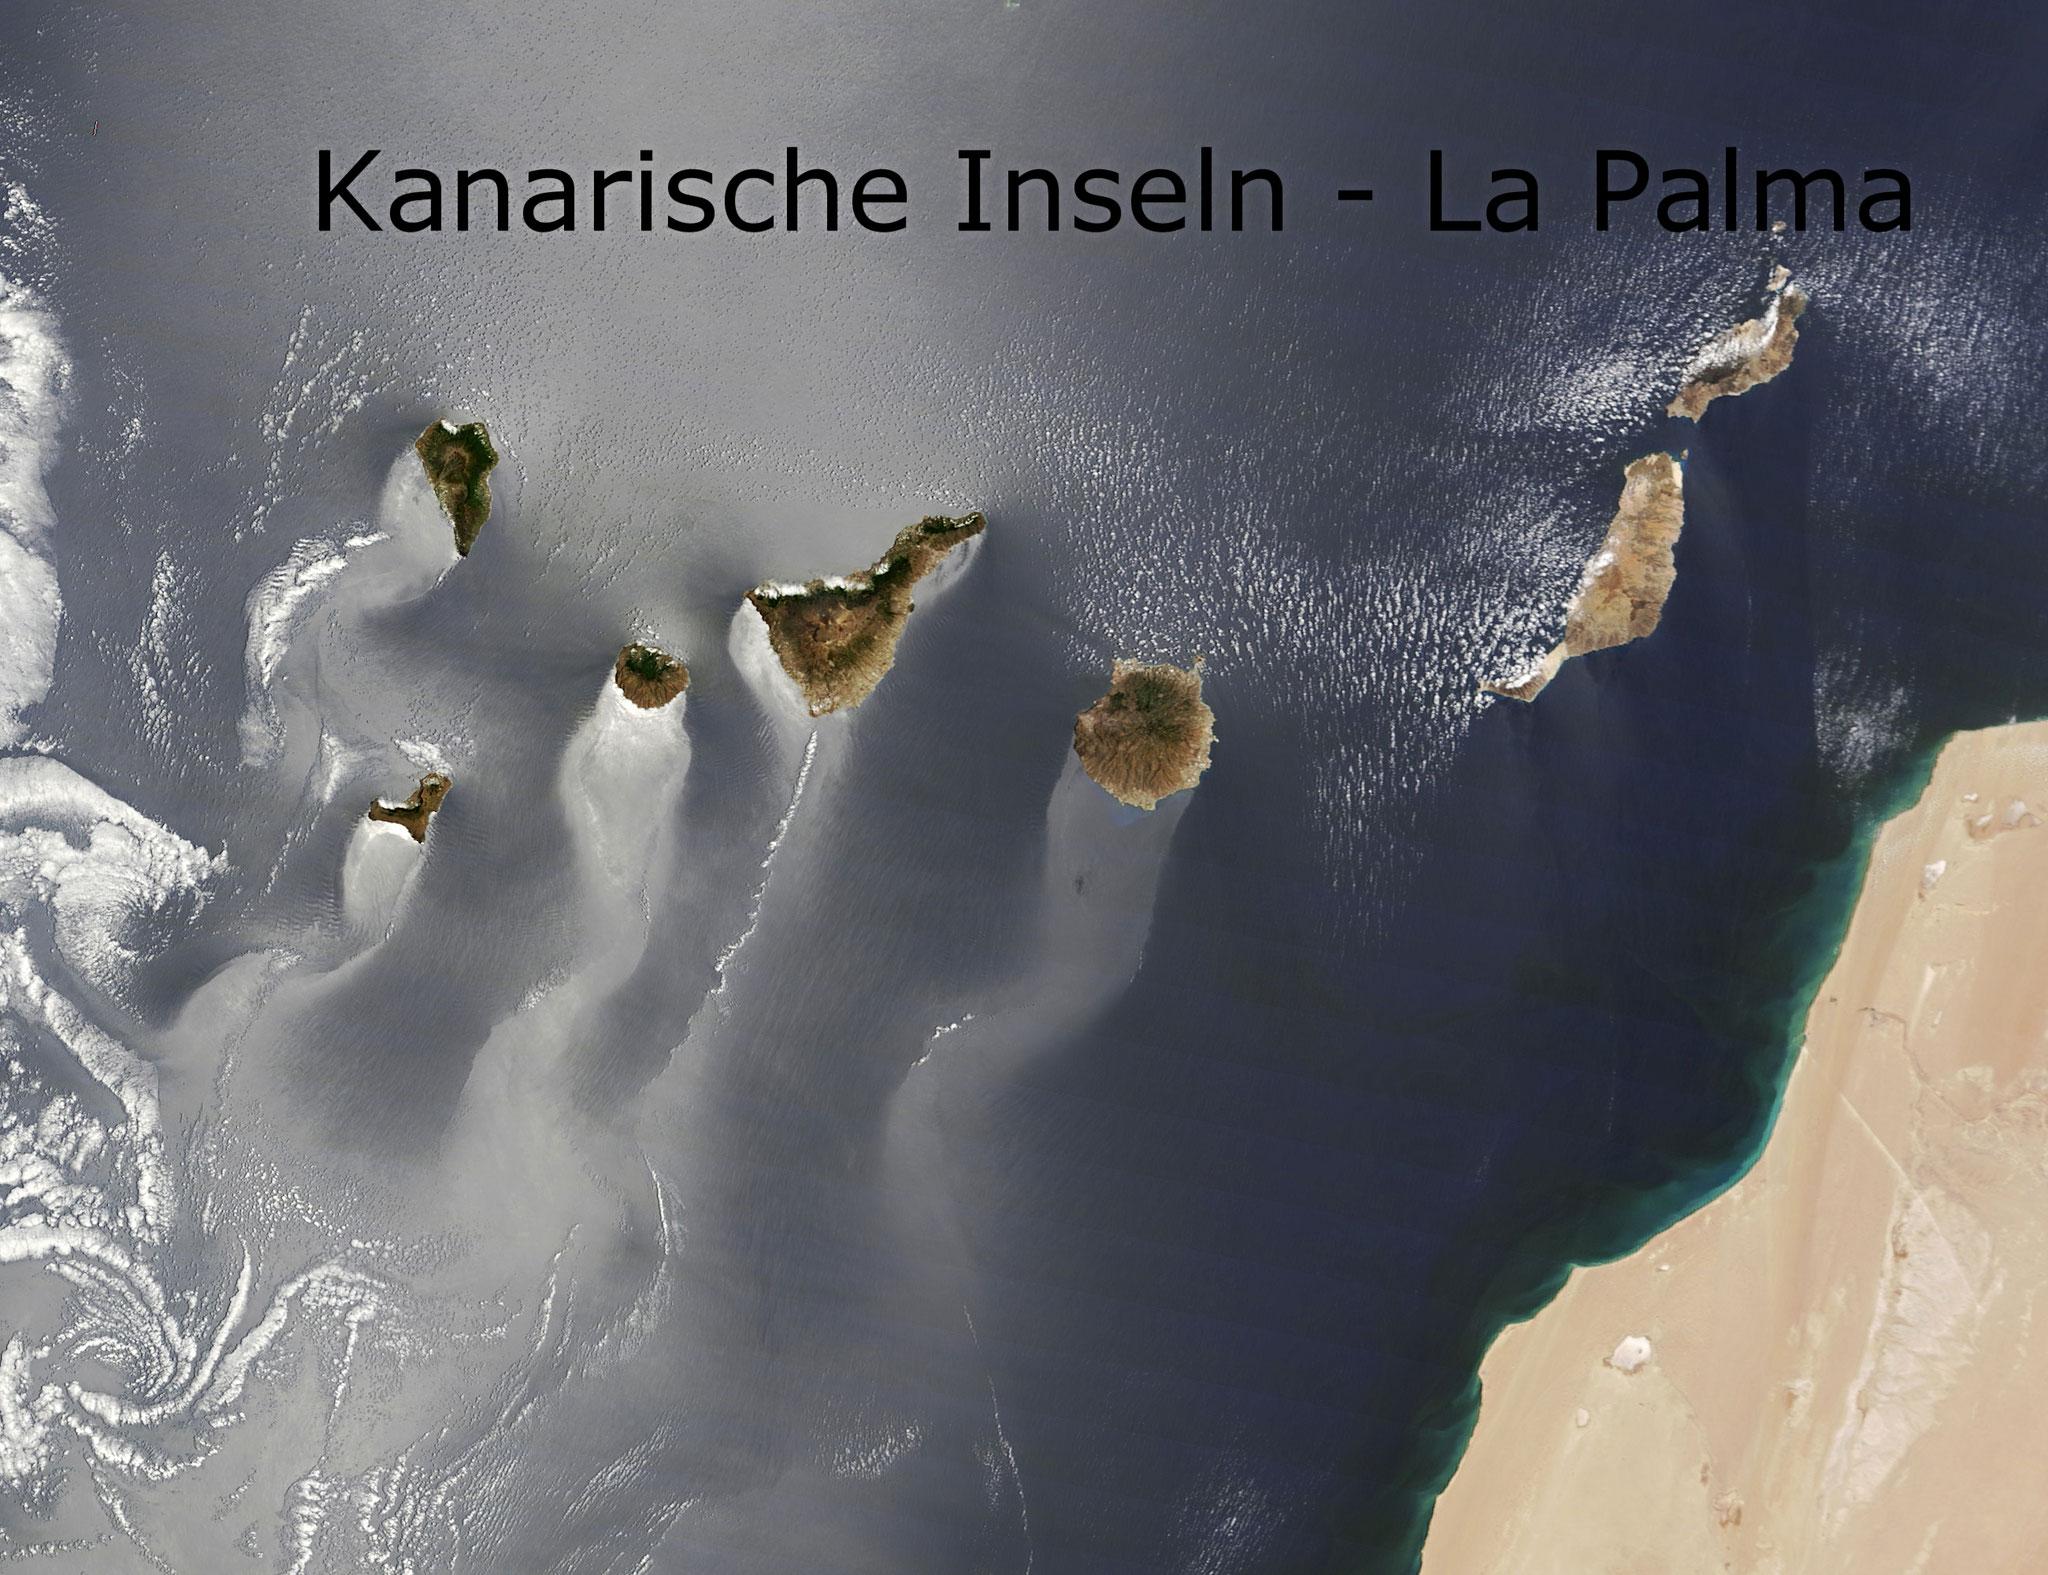 Kanarische Inseln La Palma Vogelperspektive